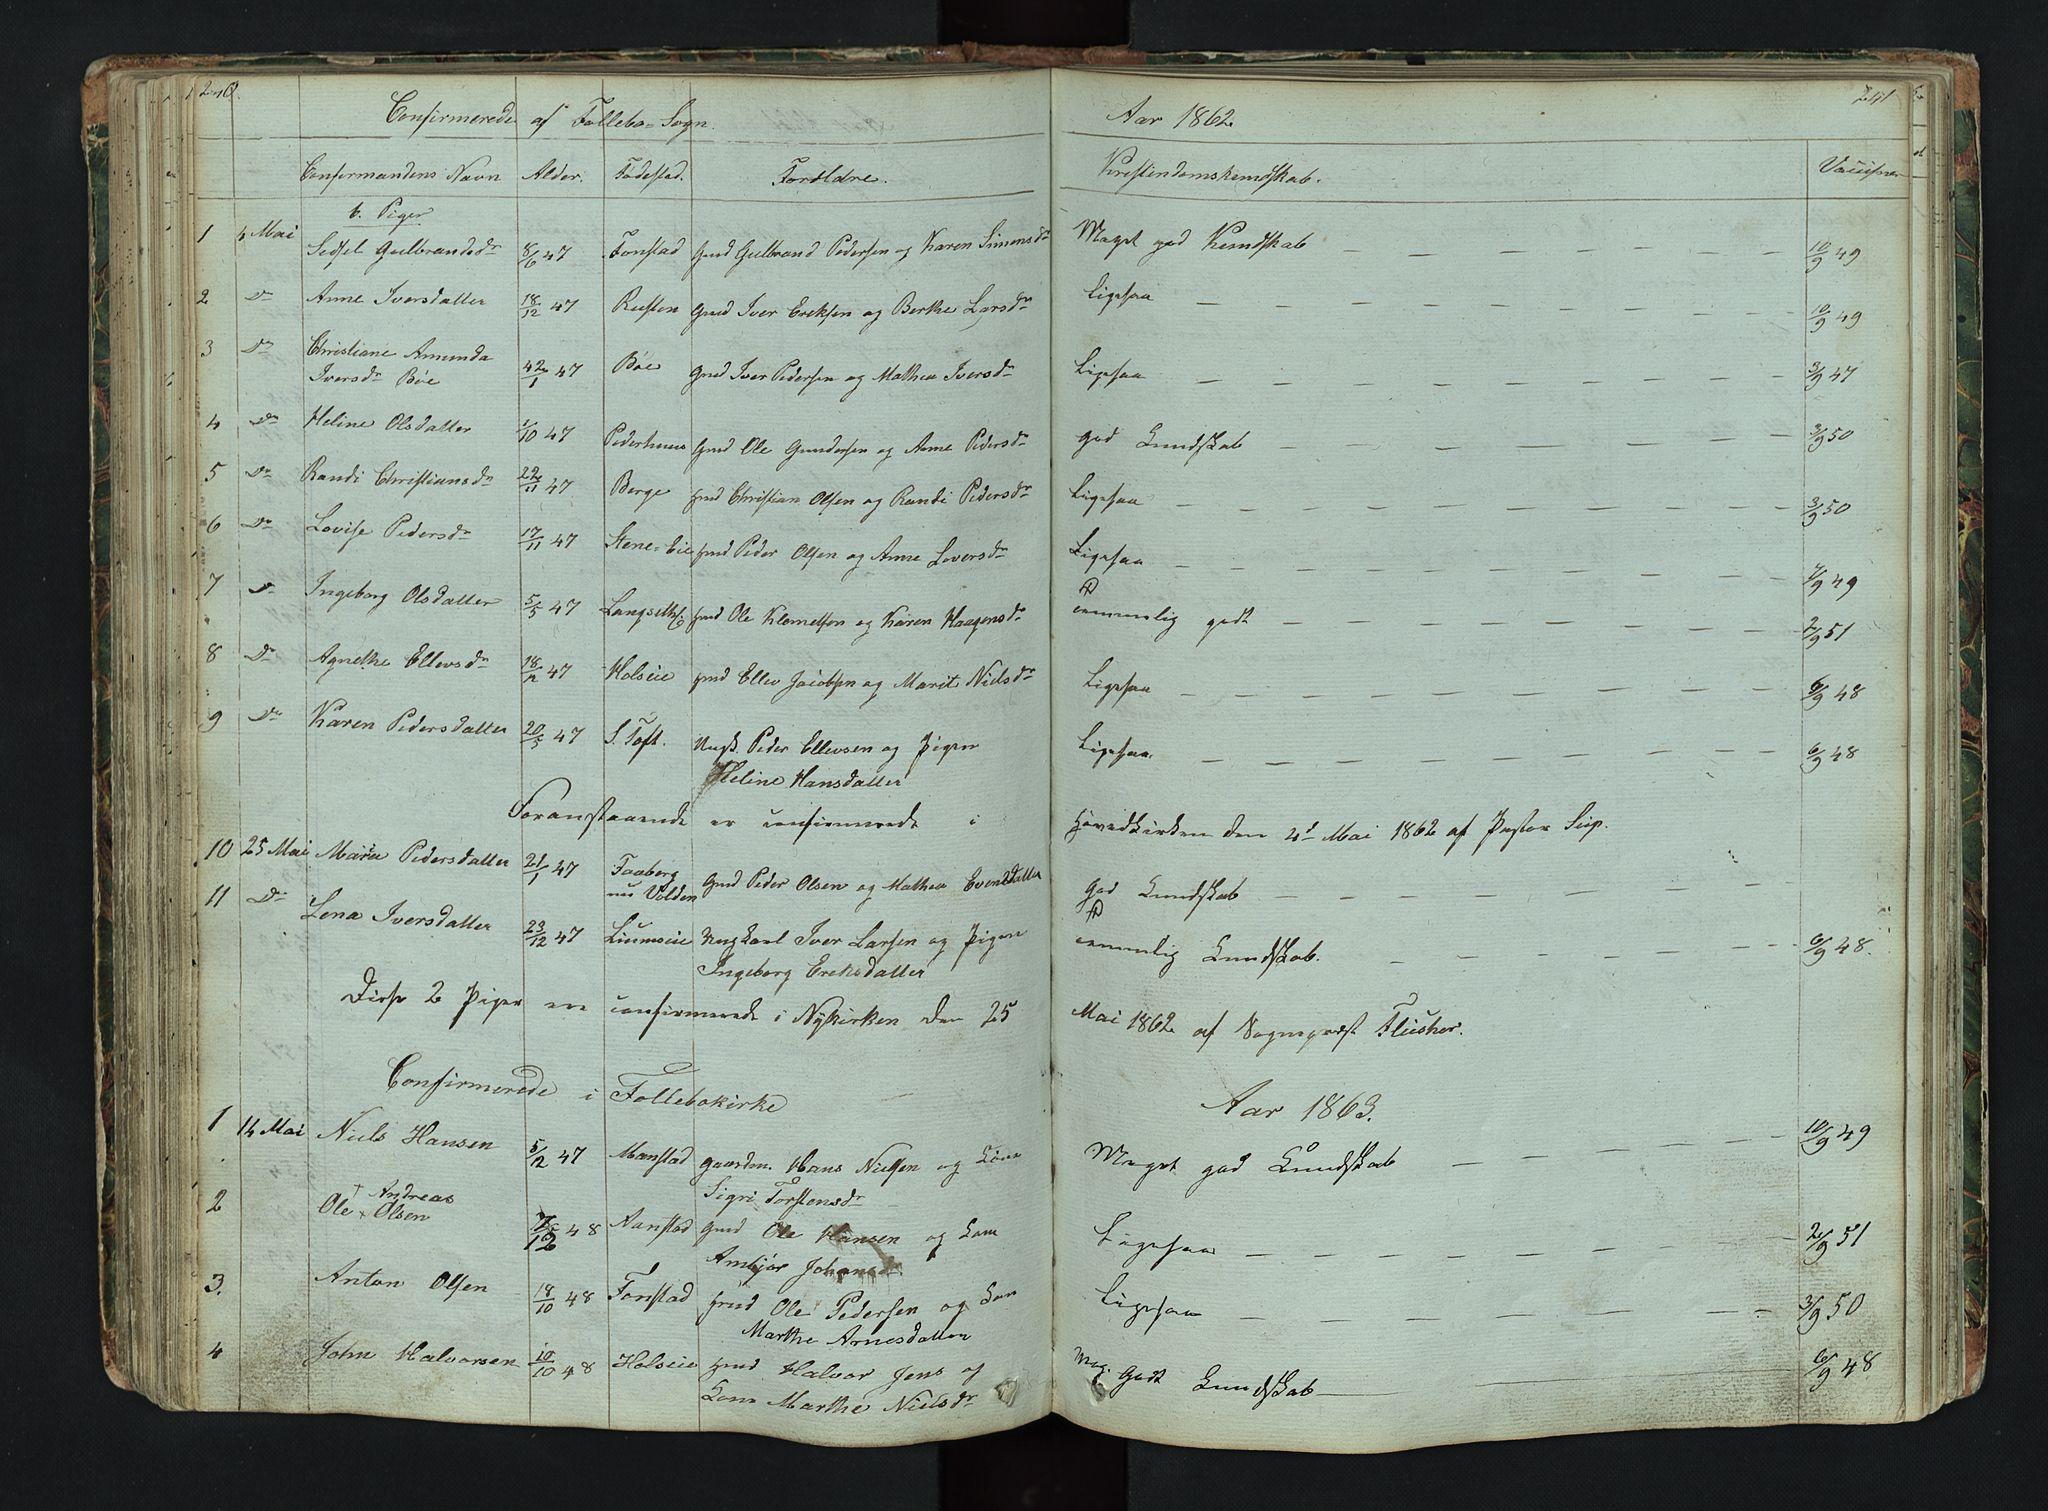 SAH, Gausdal prestekontor, Klokkerbok nr. 6, 1846-1893, s. 240-241